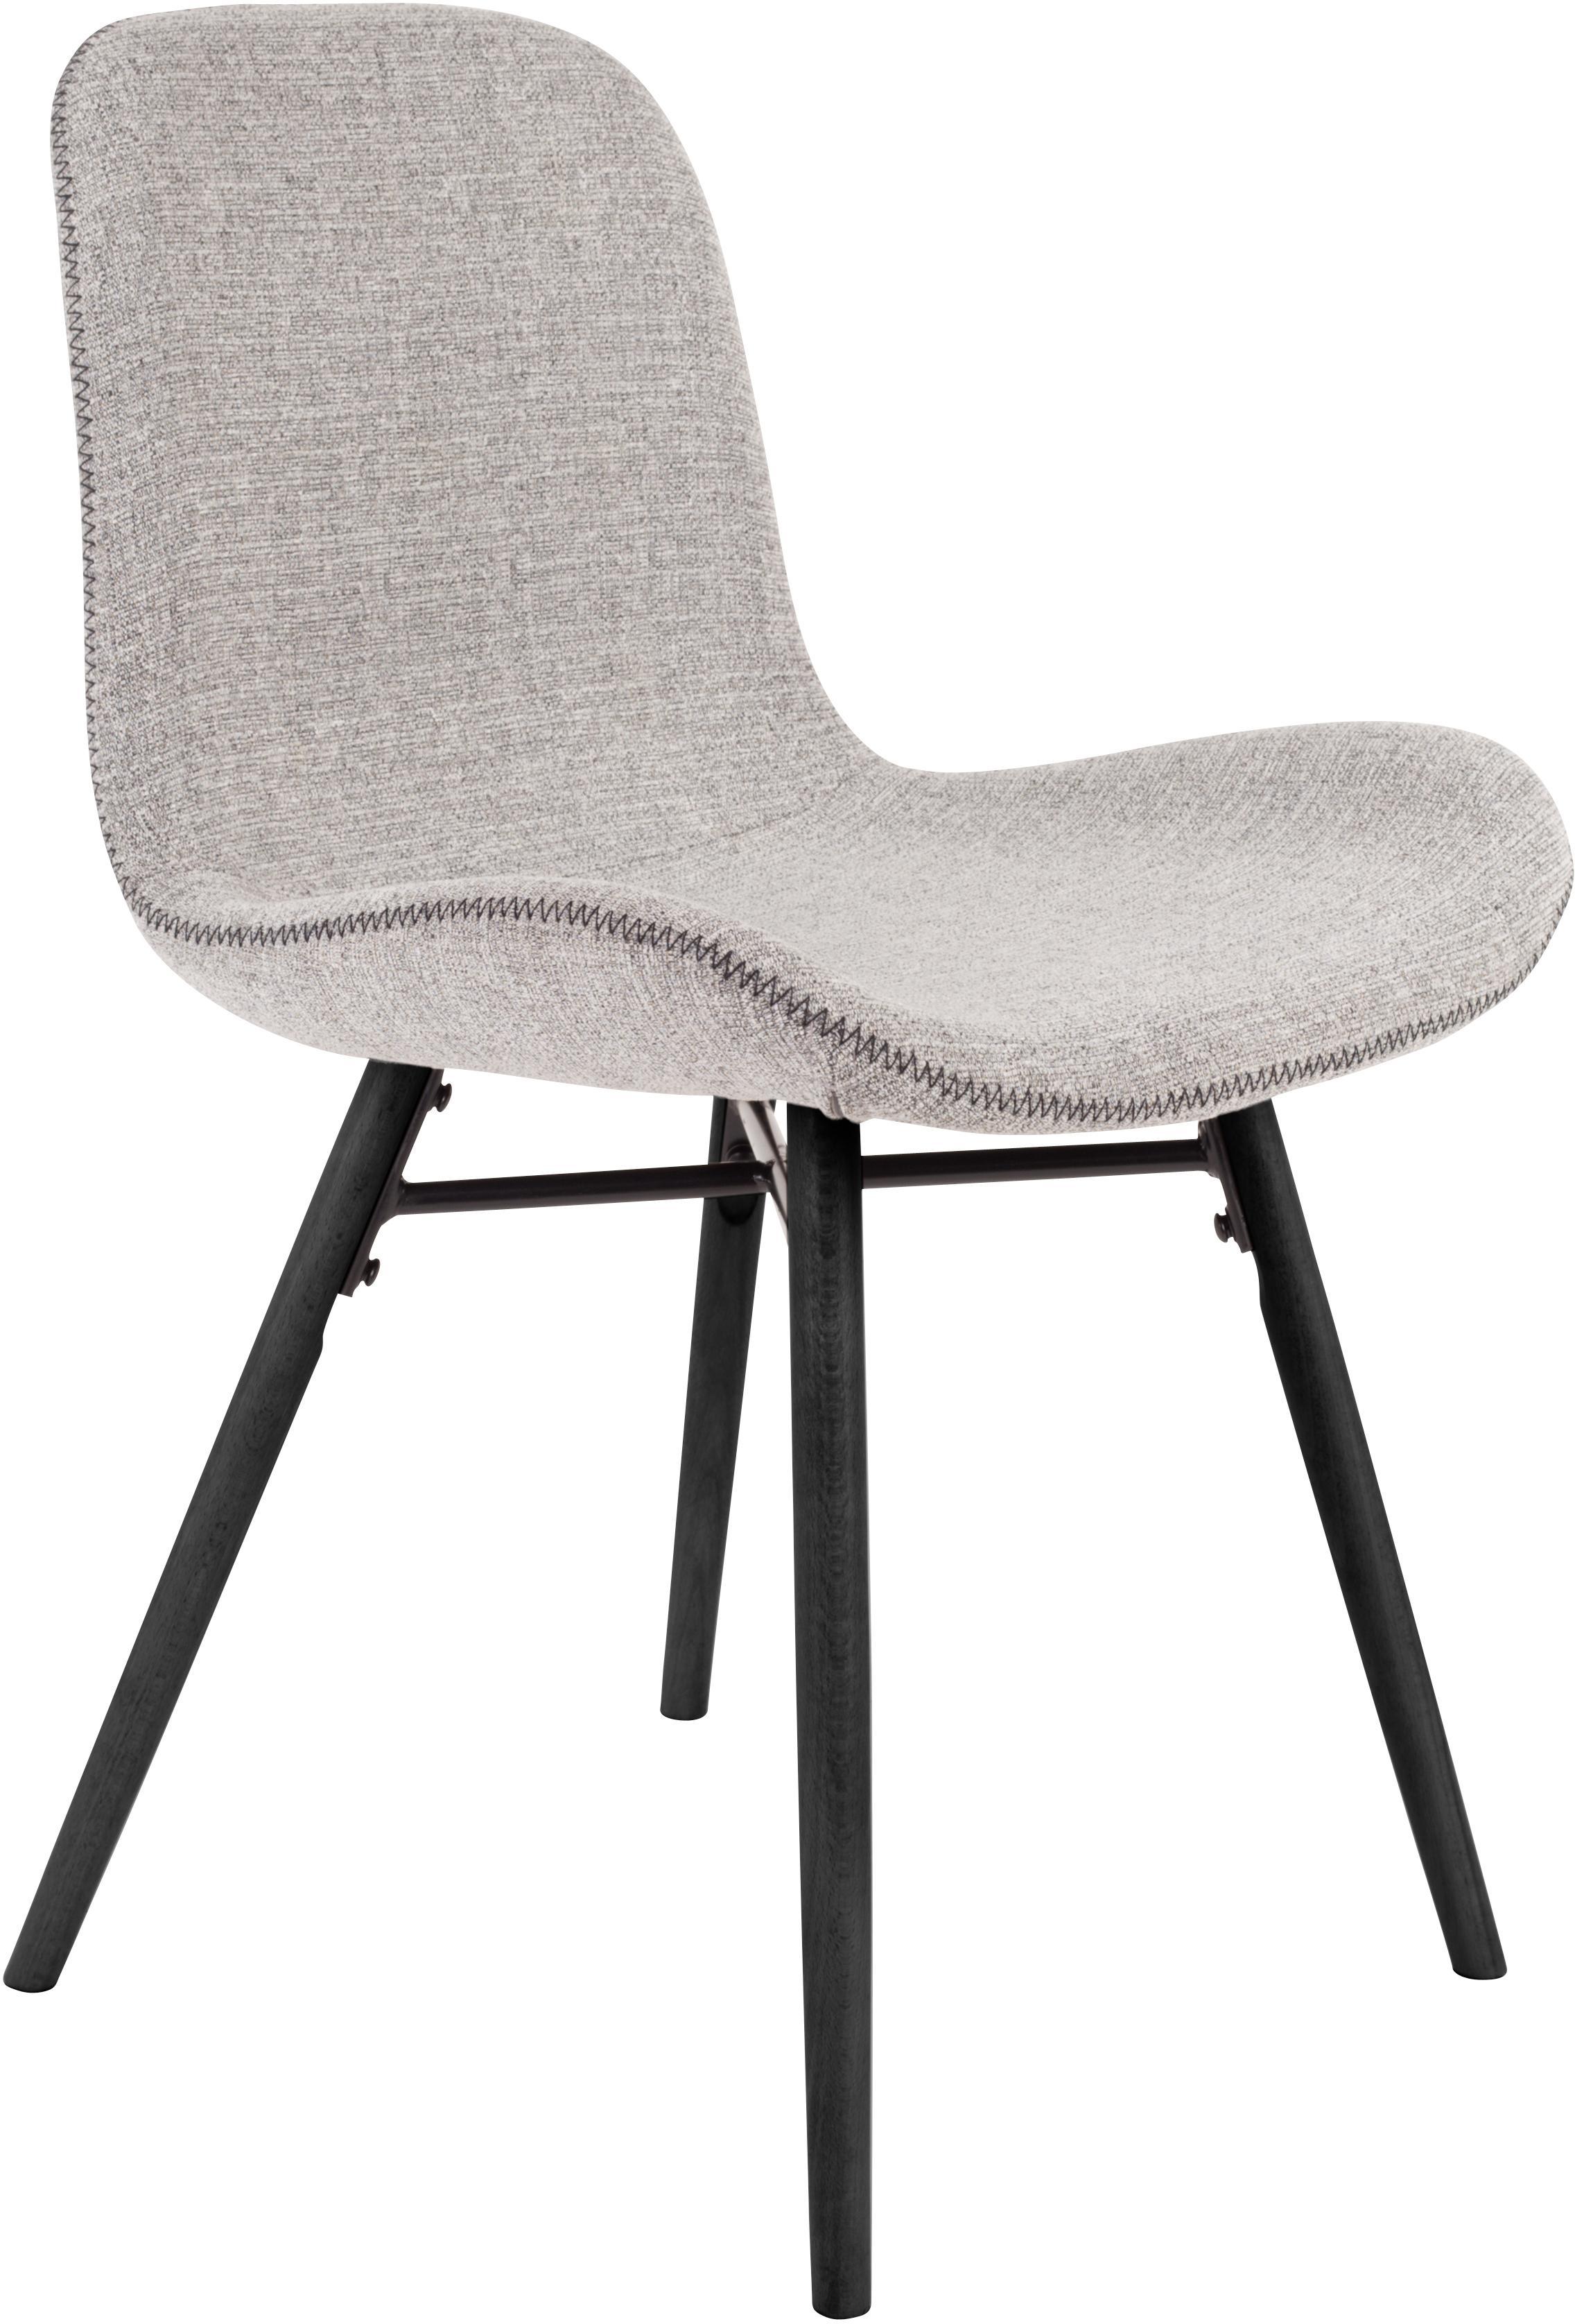 Polsterstühle Lester, 2 Stück, Bezug: 100% Polyester, Beine: Buchenholz, lackiert, Bezug: HellgrauBeine: Schwarz, B 50 x T 55 cm